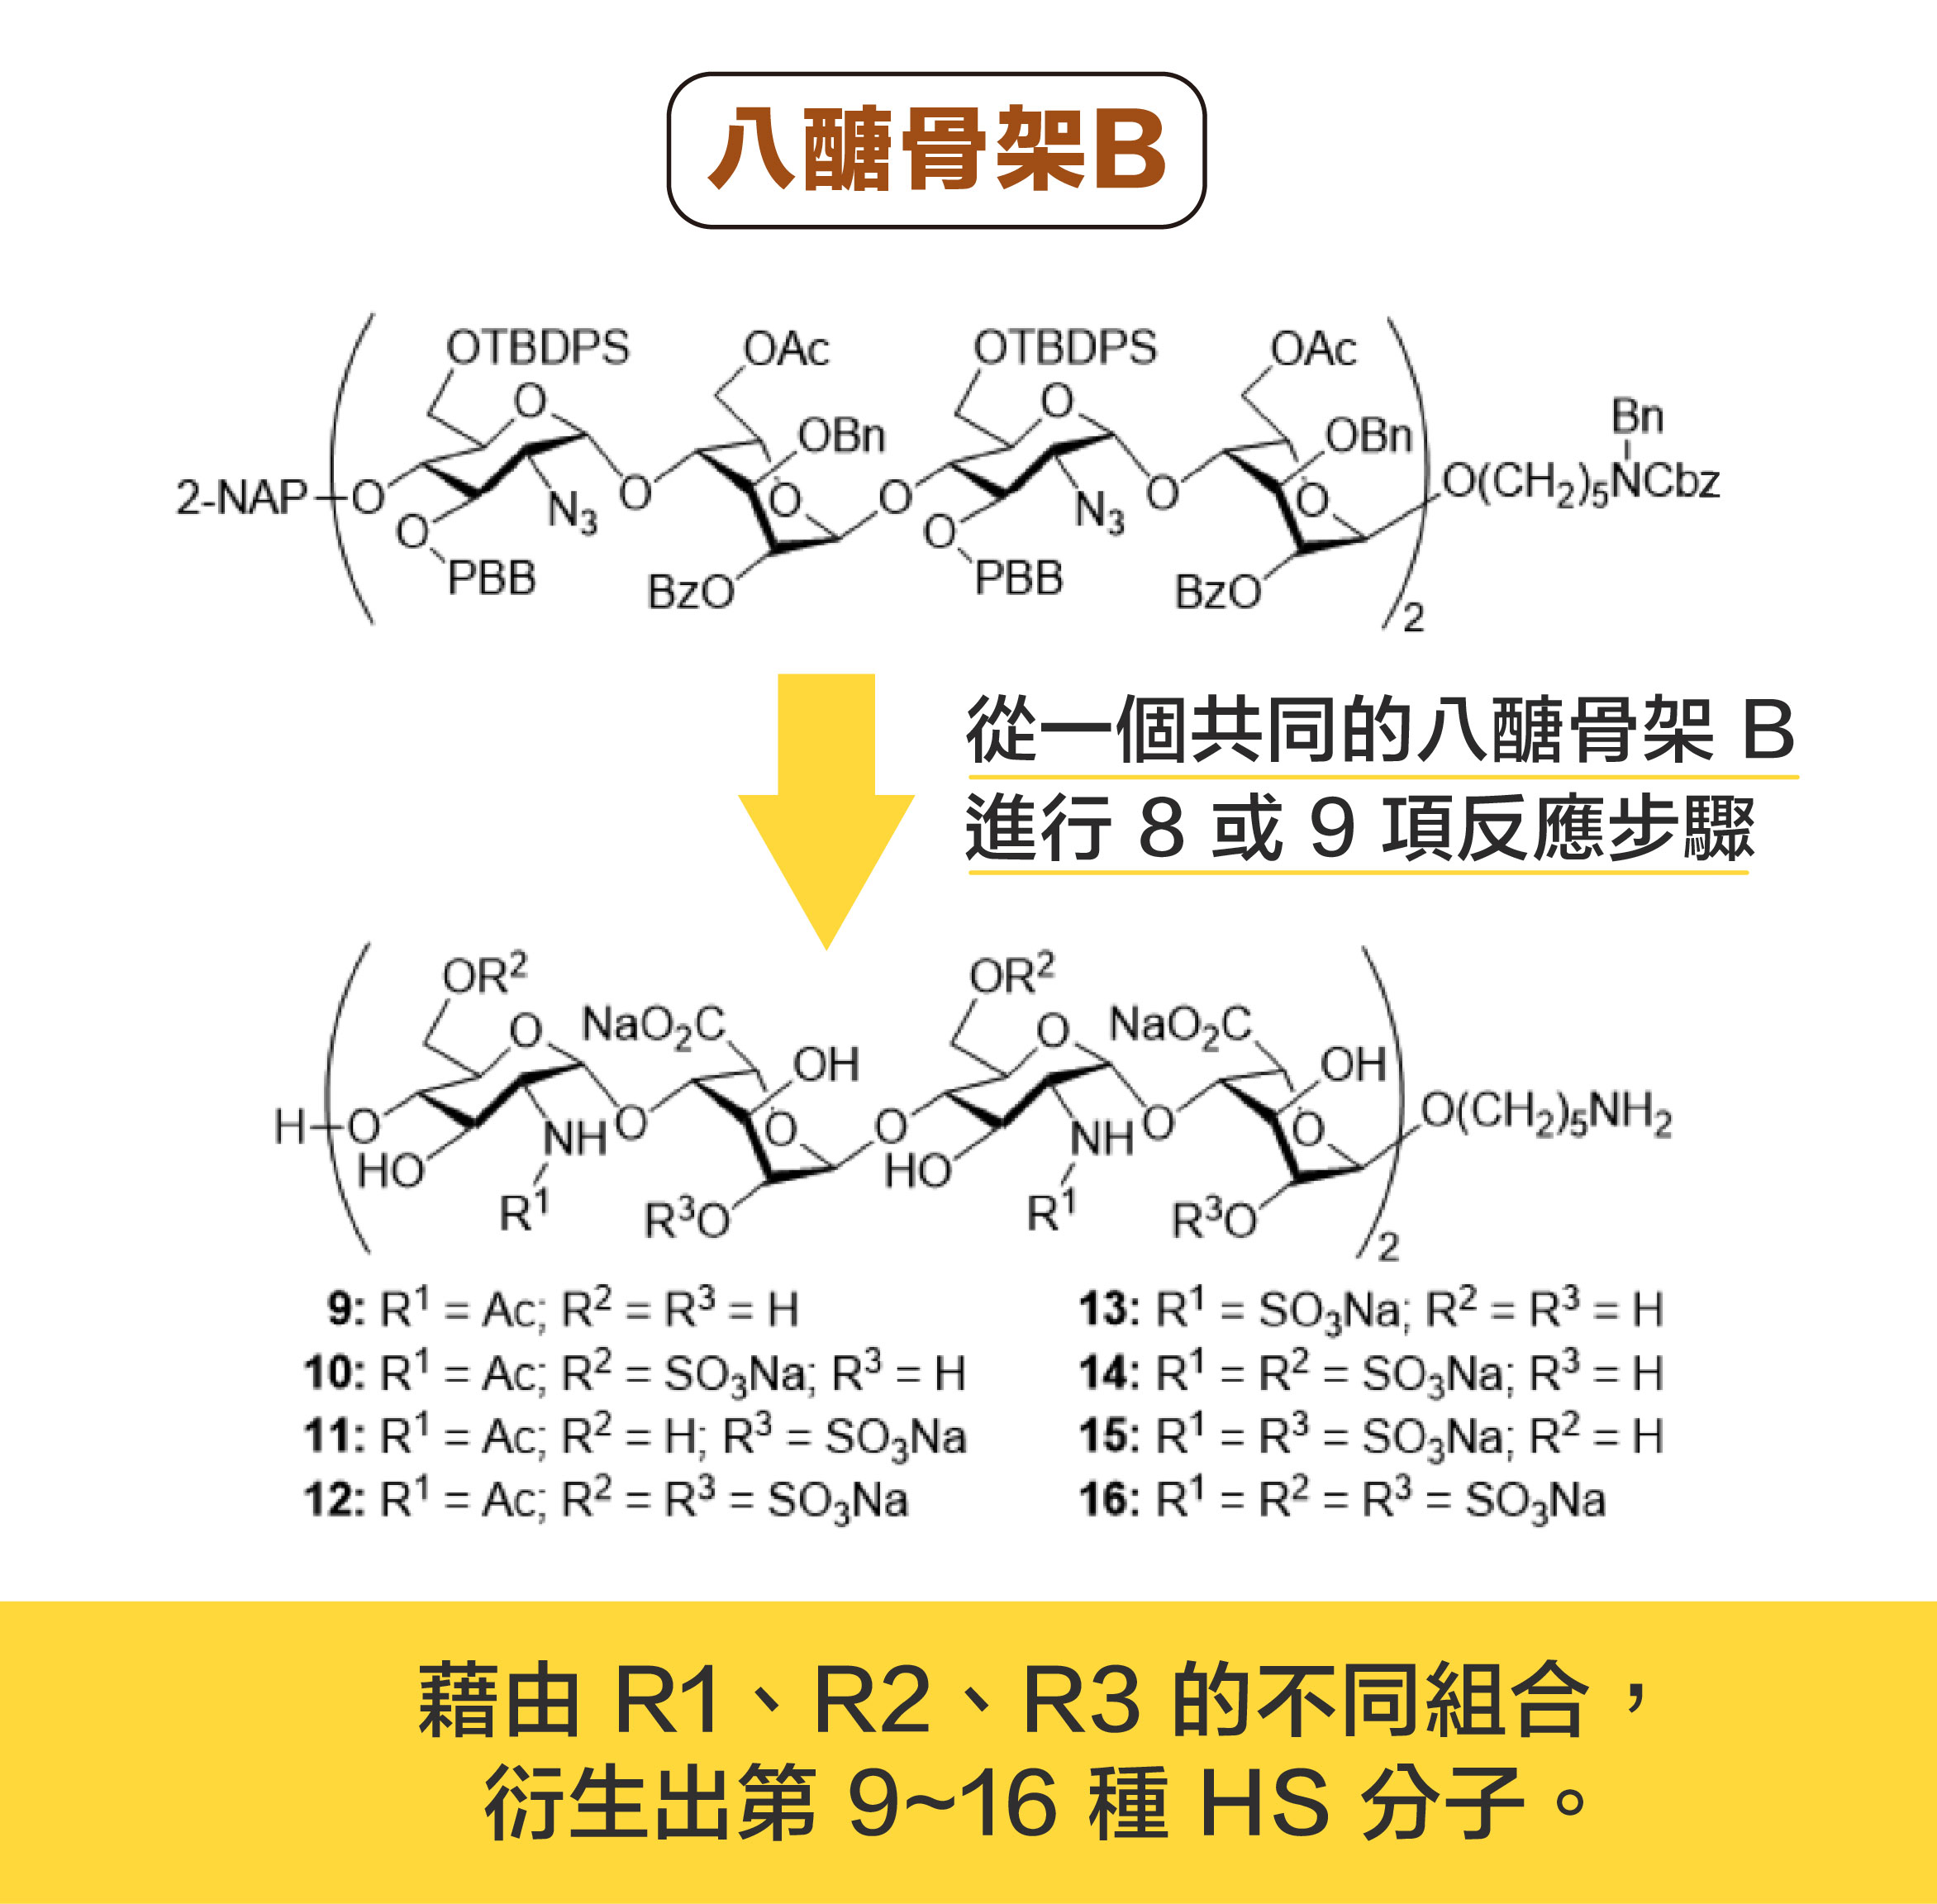 從一個共同的八醣骨架 B ,分別進行 8或 9 項反應步驟,可以衍生出 8 種 HS 分子。資料來源|洪上程圖說設計|黃曉君、林洵安